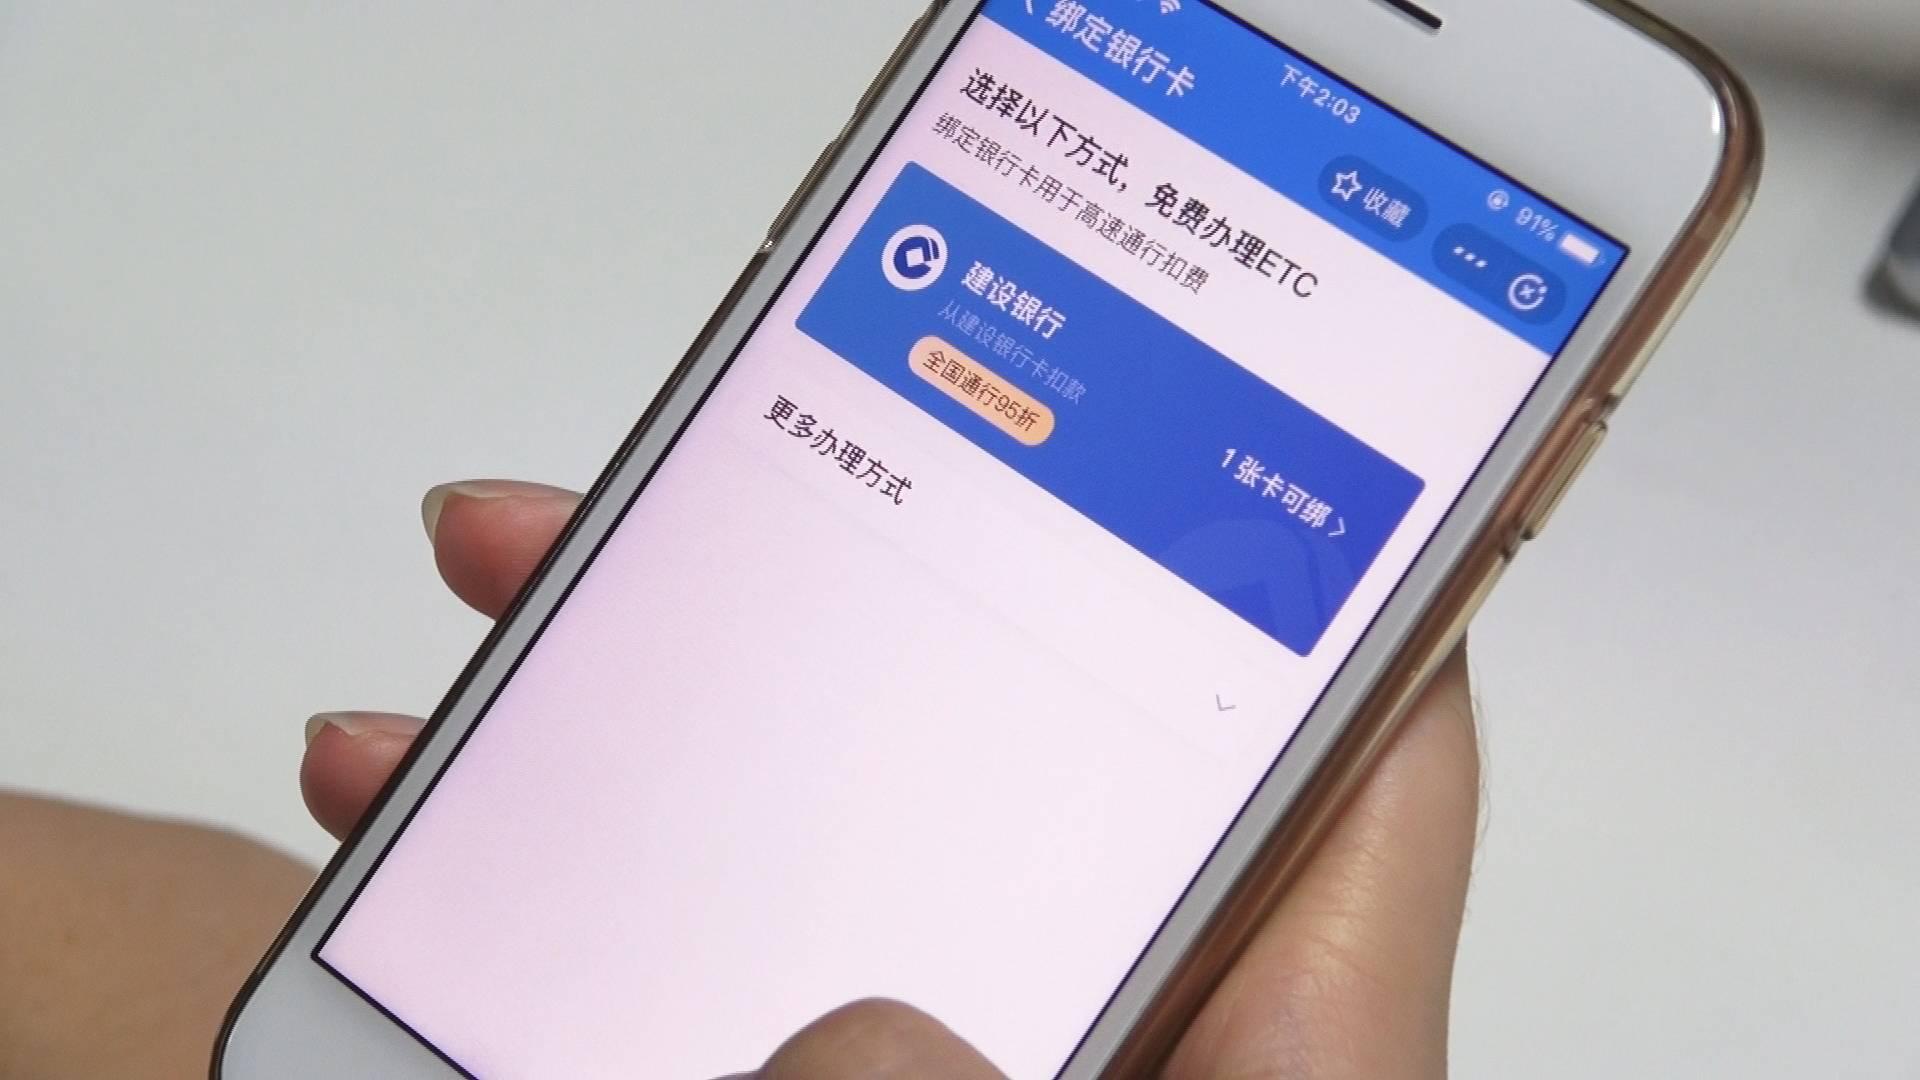 38秒|好消息!高速ETC即日起可支付宝申办 设备包邮到家